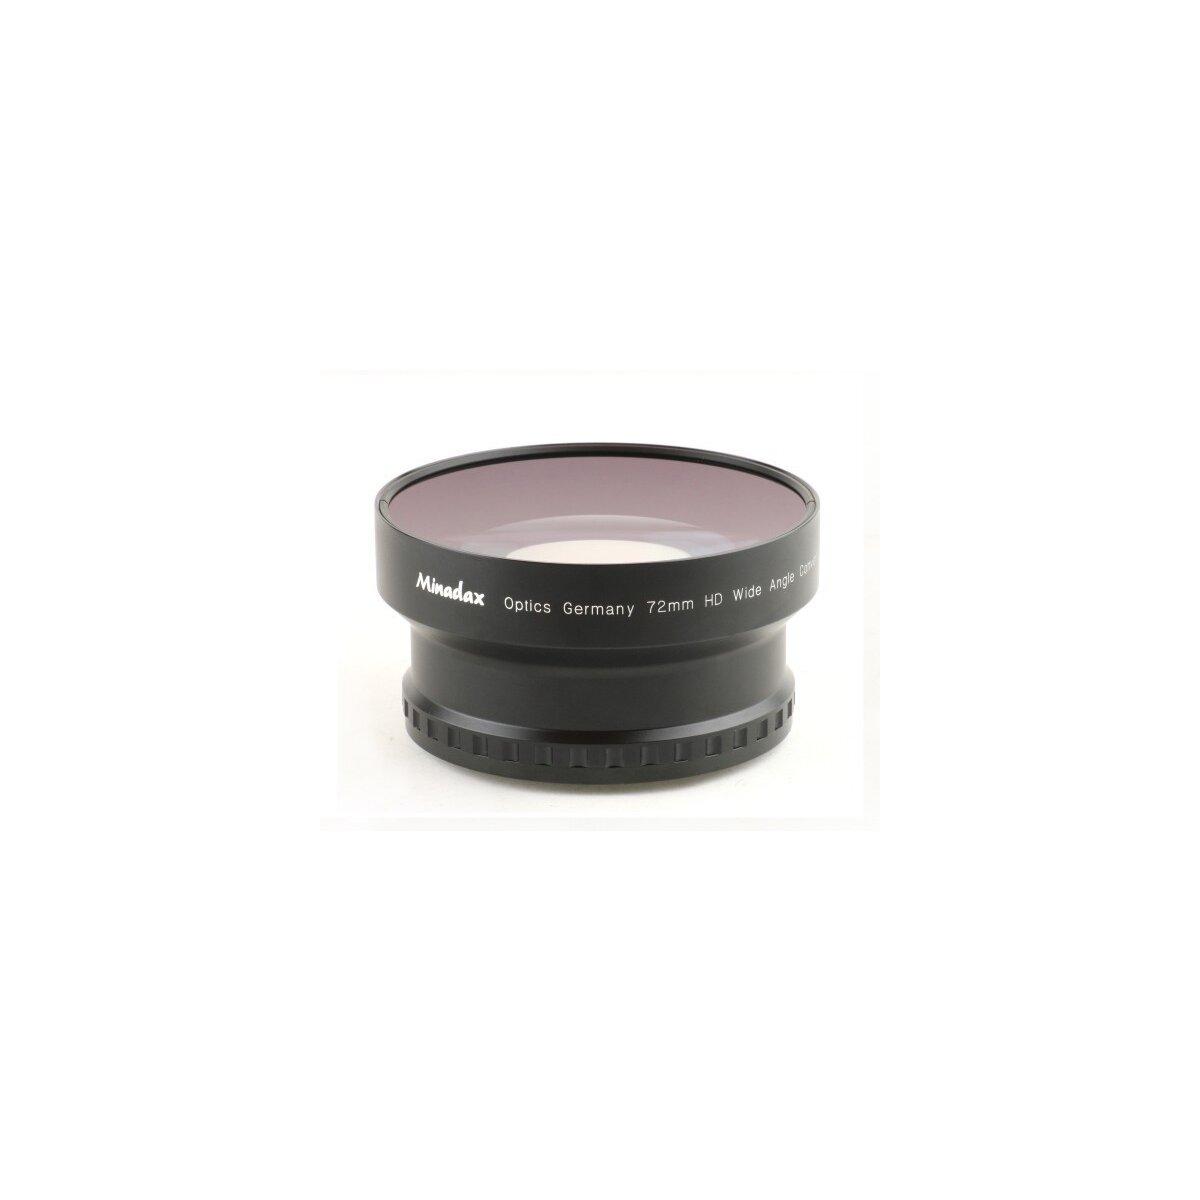 0.7x Minadax HD Weitwinkel Objektiv Vorsatz kompatibel mit Canon XH A1, XH A1s, XH G1, XH G1s, XL1, XL1s, XL2, XL2s, XL H1, XL H1A, XL H1S (Voll durchzoombar) + 1x Minadax Sonnenblende